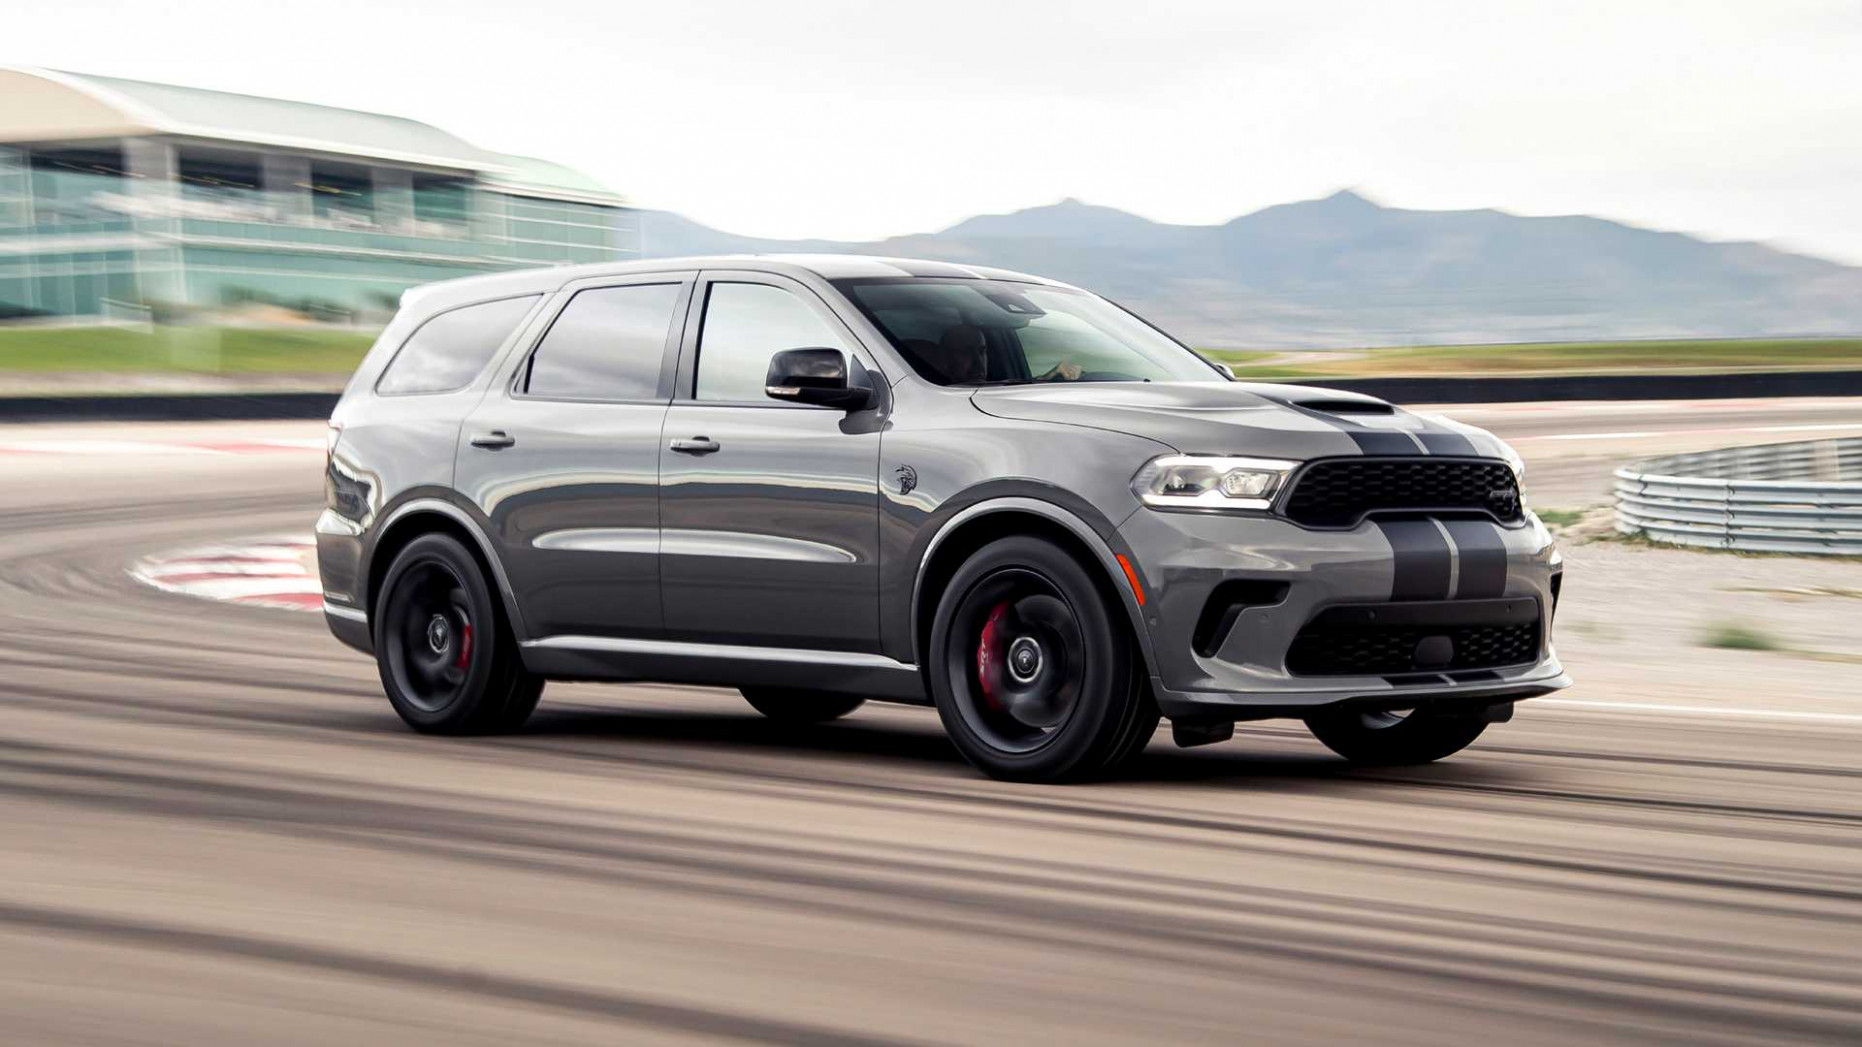 Release 2022 Dodge Durango